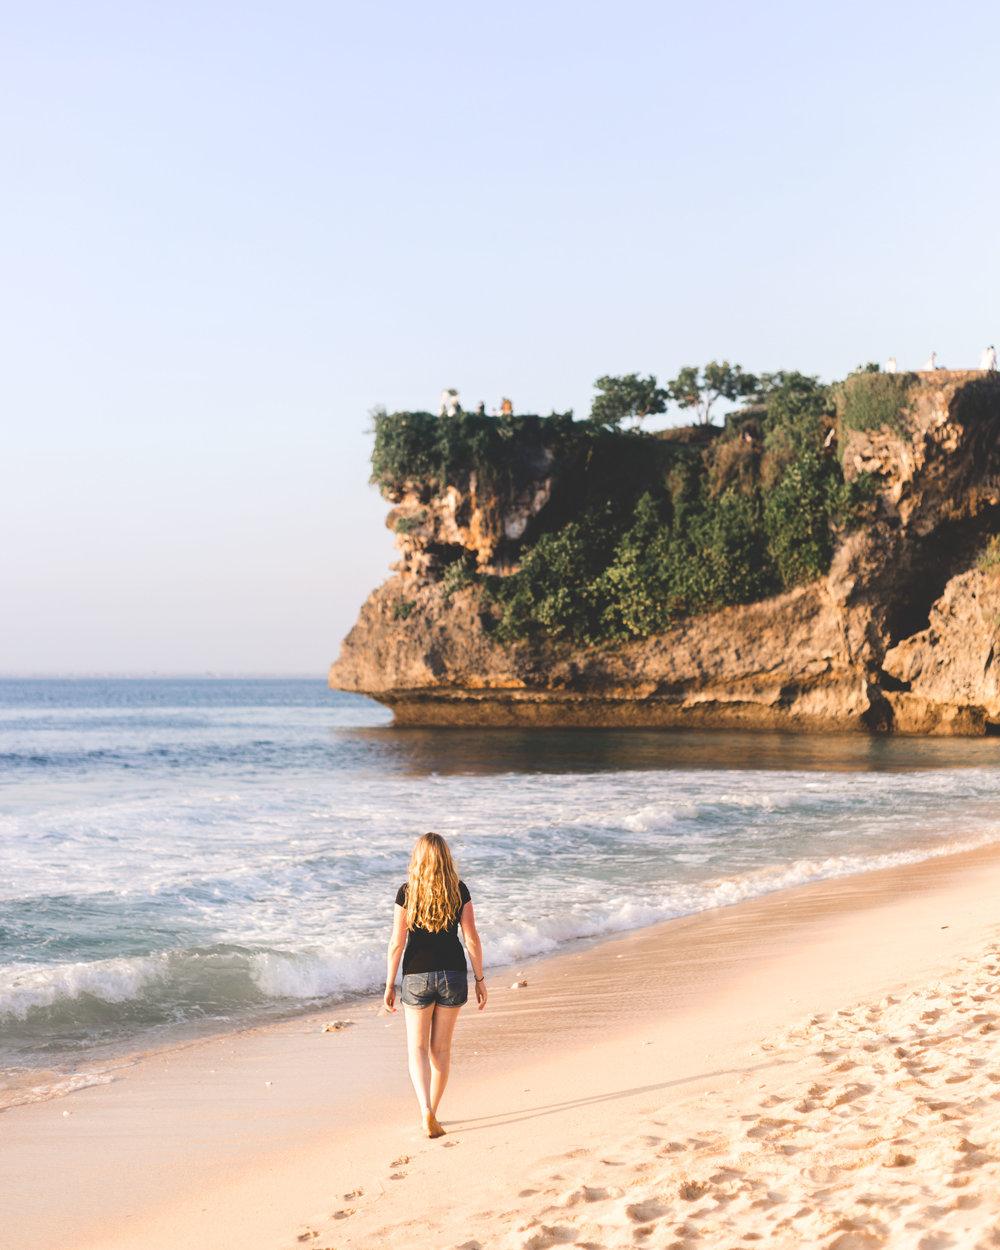 Instagrammable spots in Bali: Dreamland Beach